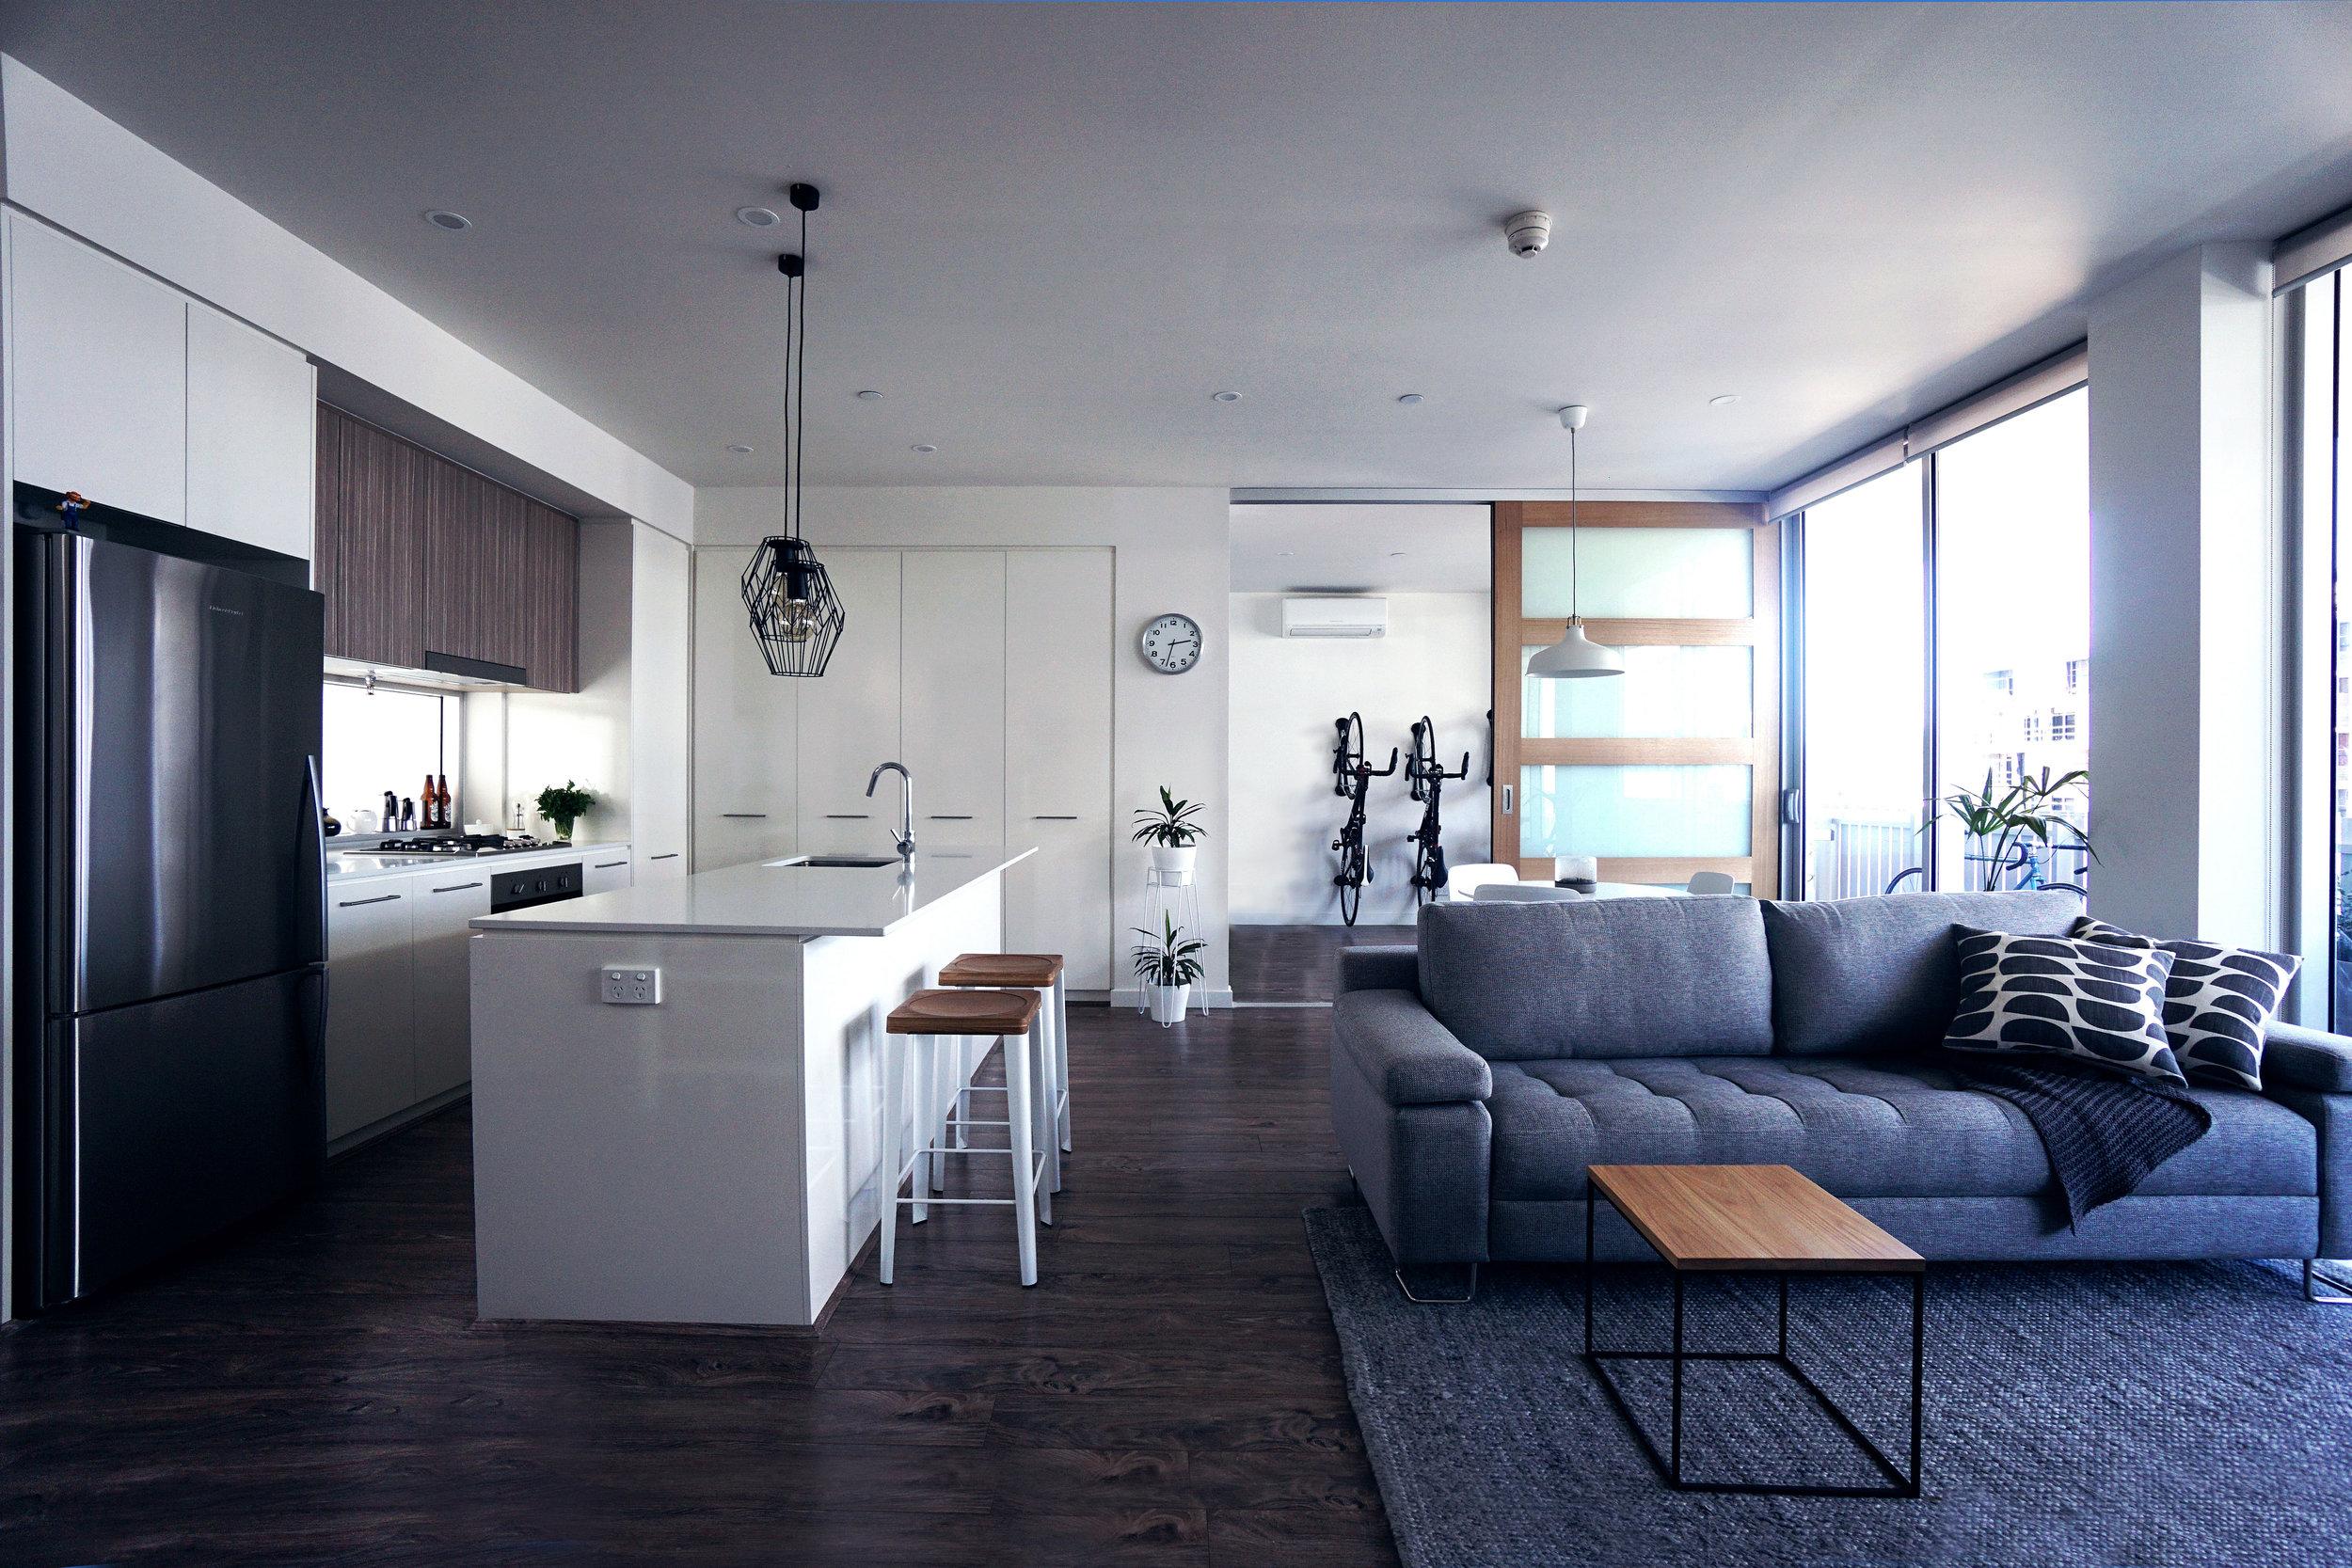 Luminaire_apartment_1b.jpg